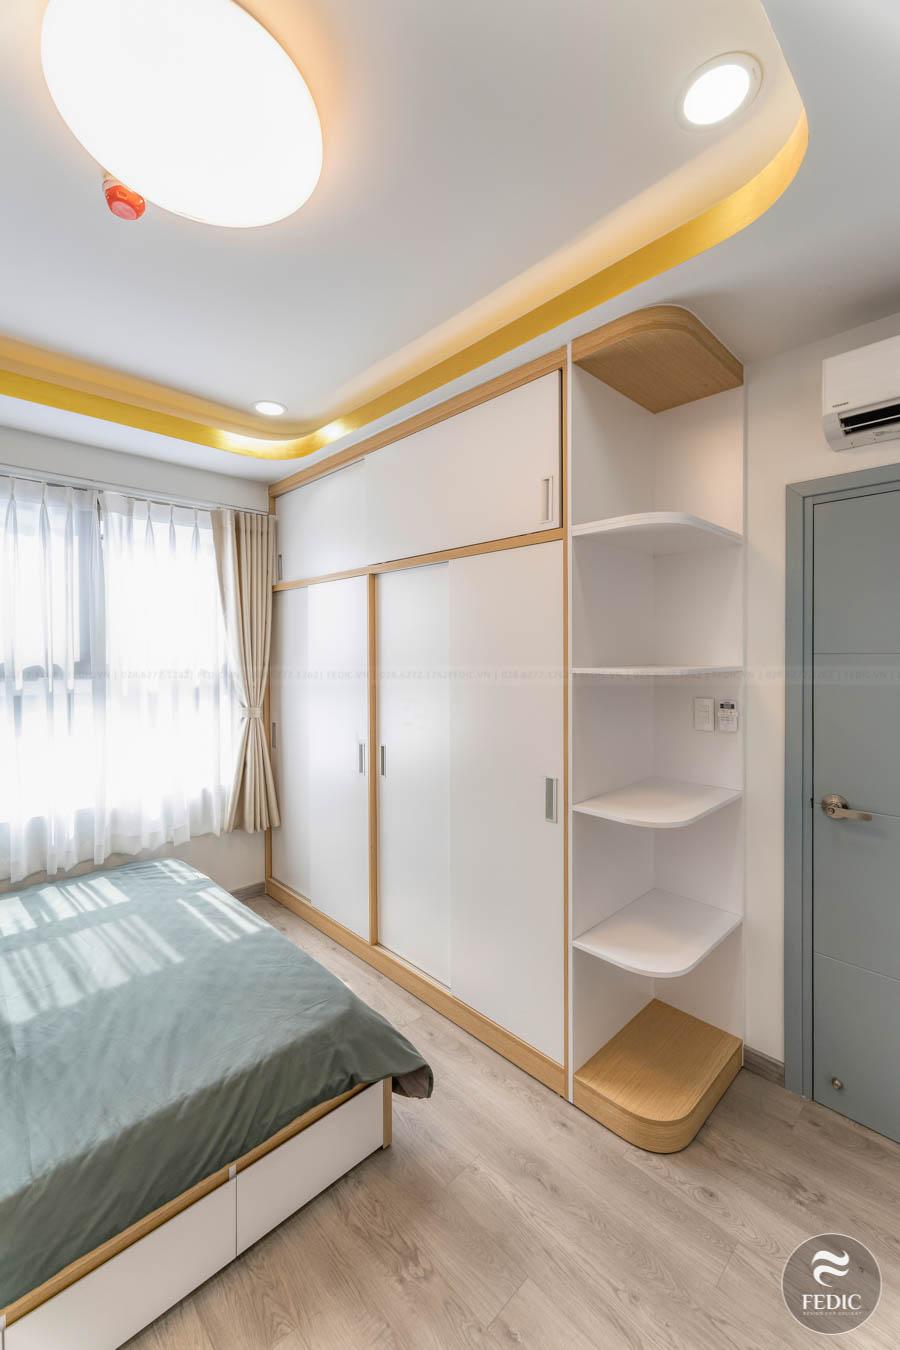 Nội thất căn hộ SSR- chị Phương-Fedic-18